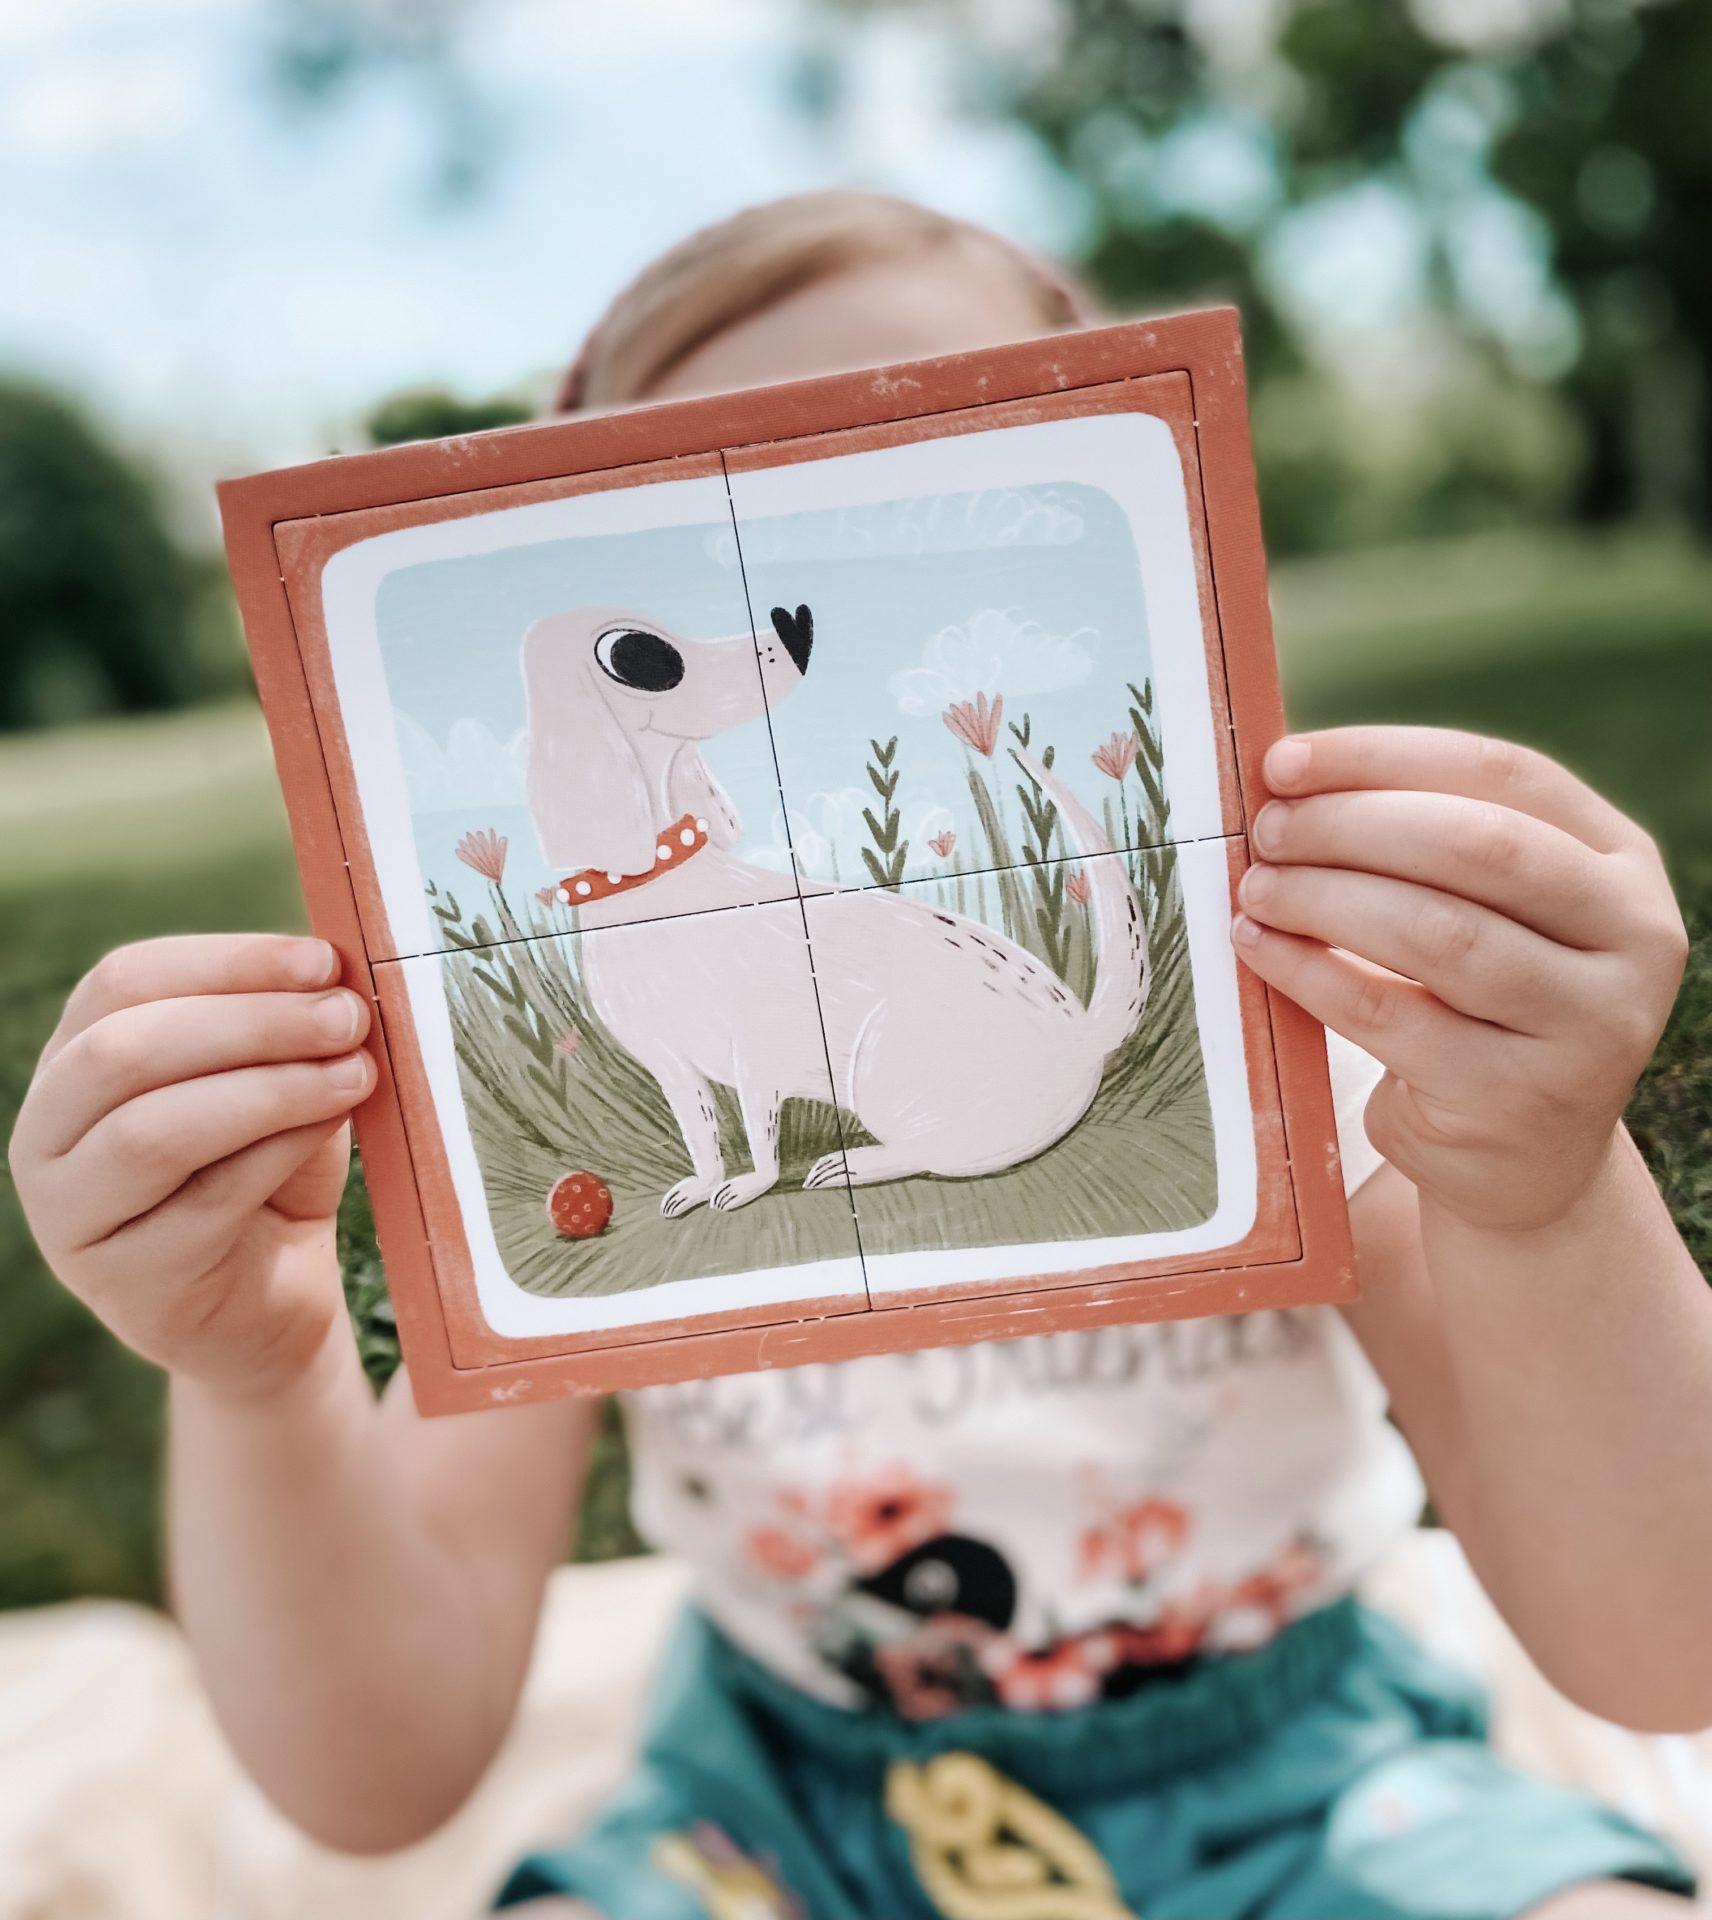 Dziewczynka układa układankę z pieskiem